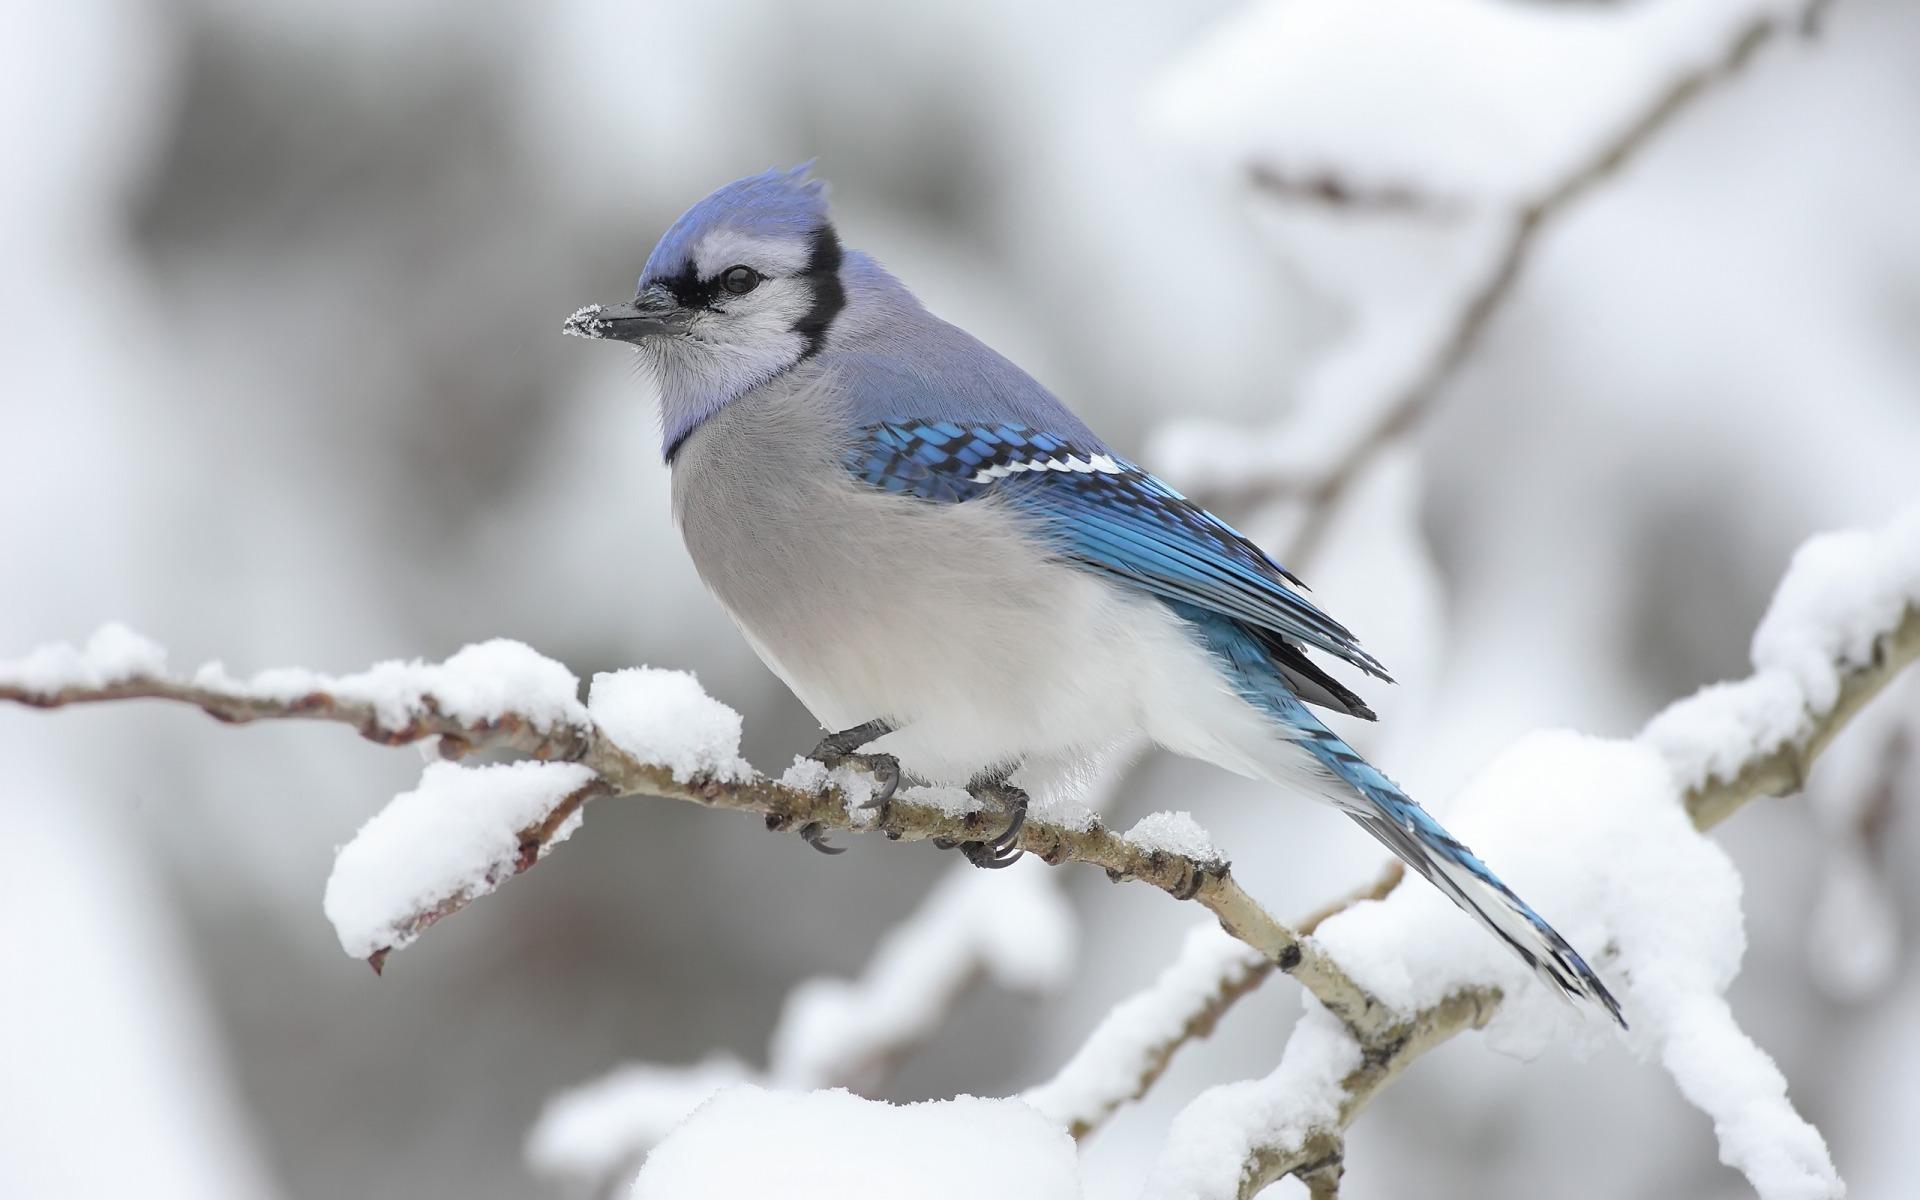 Blue Bird on Tree Widescreen HD Wallpaper | Blue birds | Pinterest ...